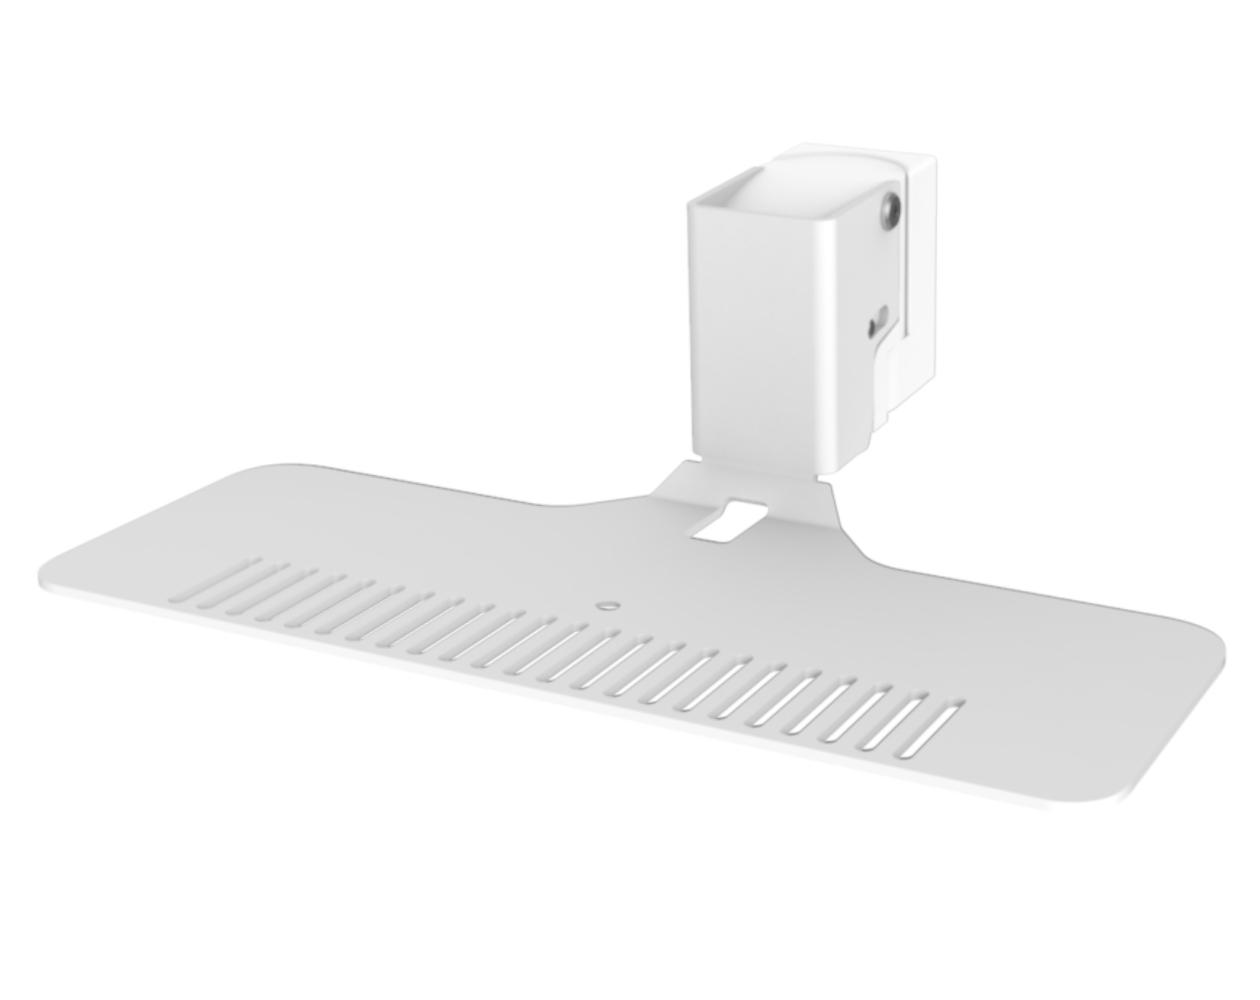 Muurbeugel voor Denon Home 350 speaker - wit - Cavus